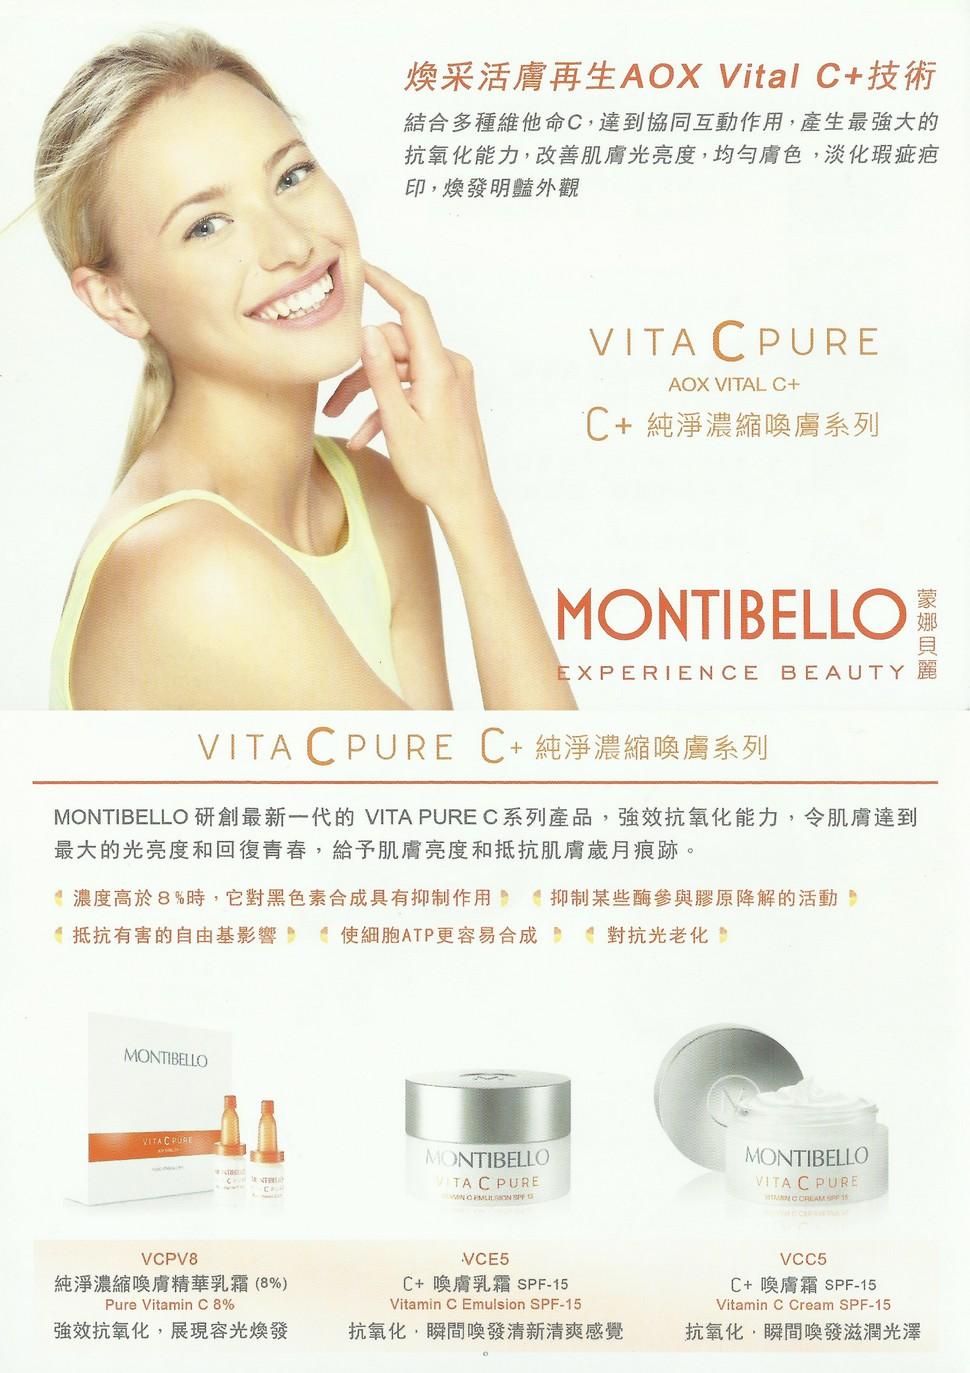 http://www.beauteousbeauty.com/files/MONTIBELLO%E7%B6%ADC.jpg